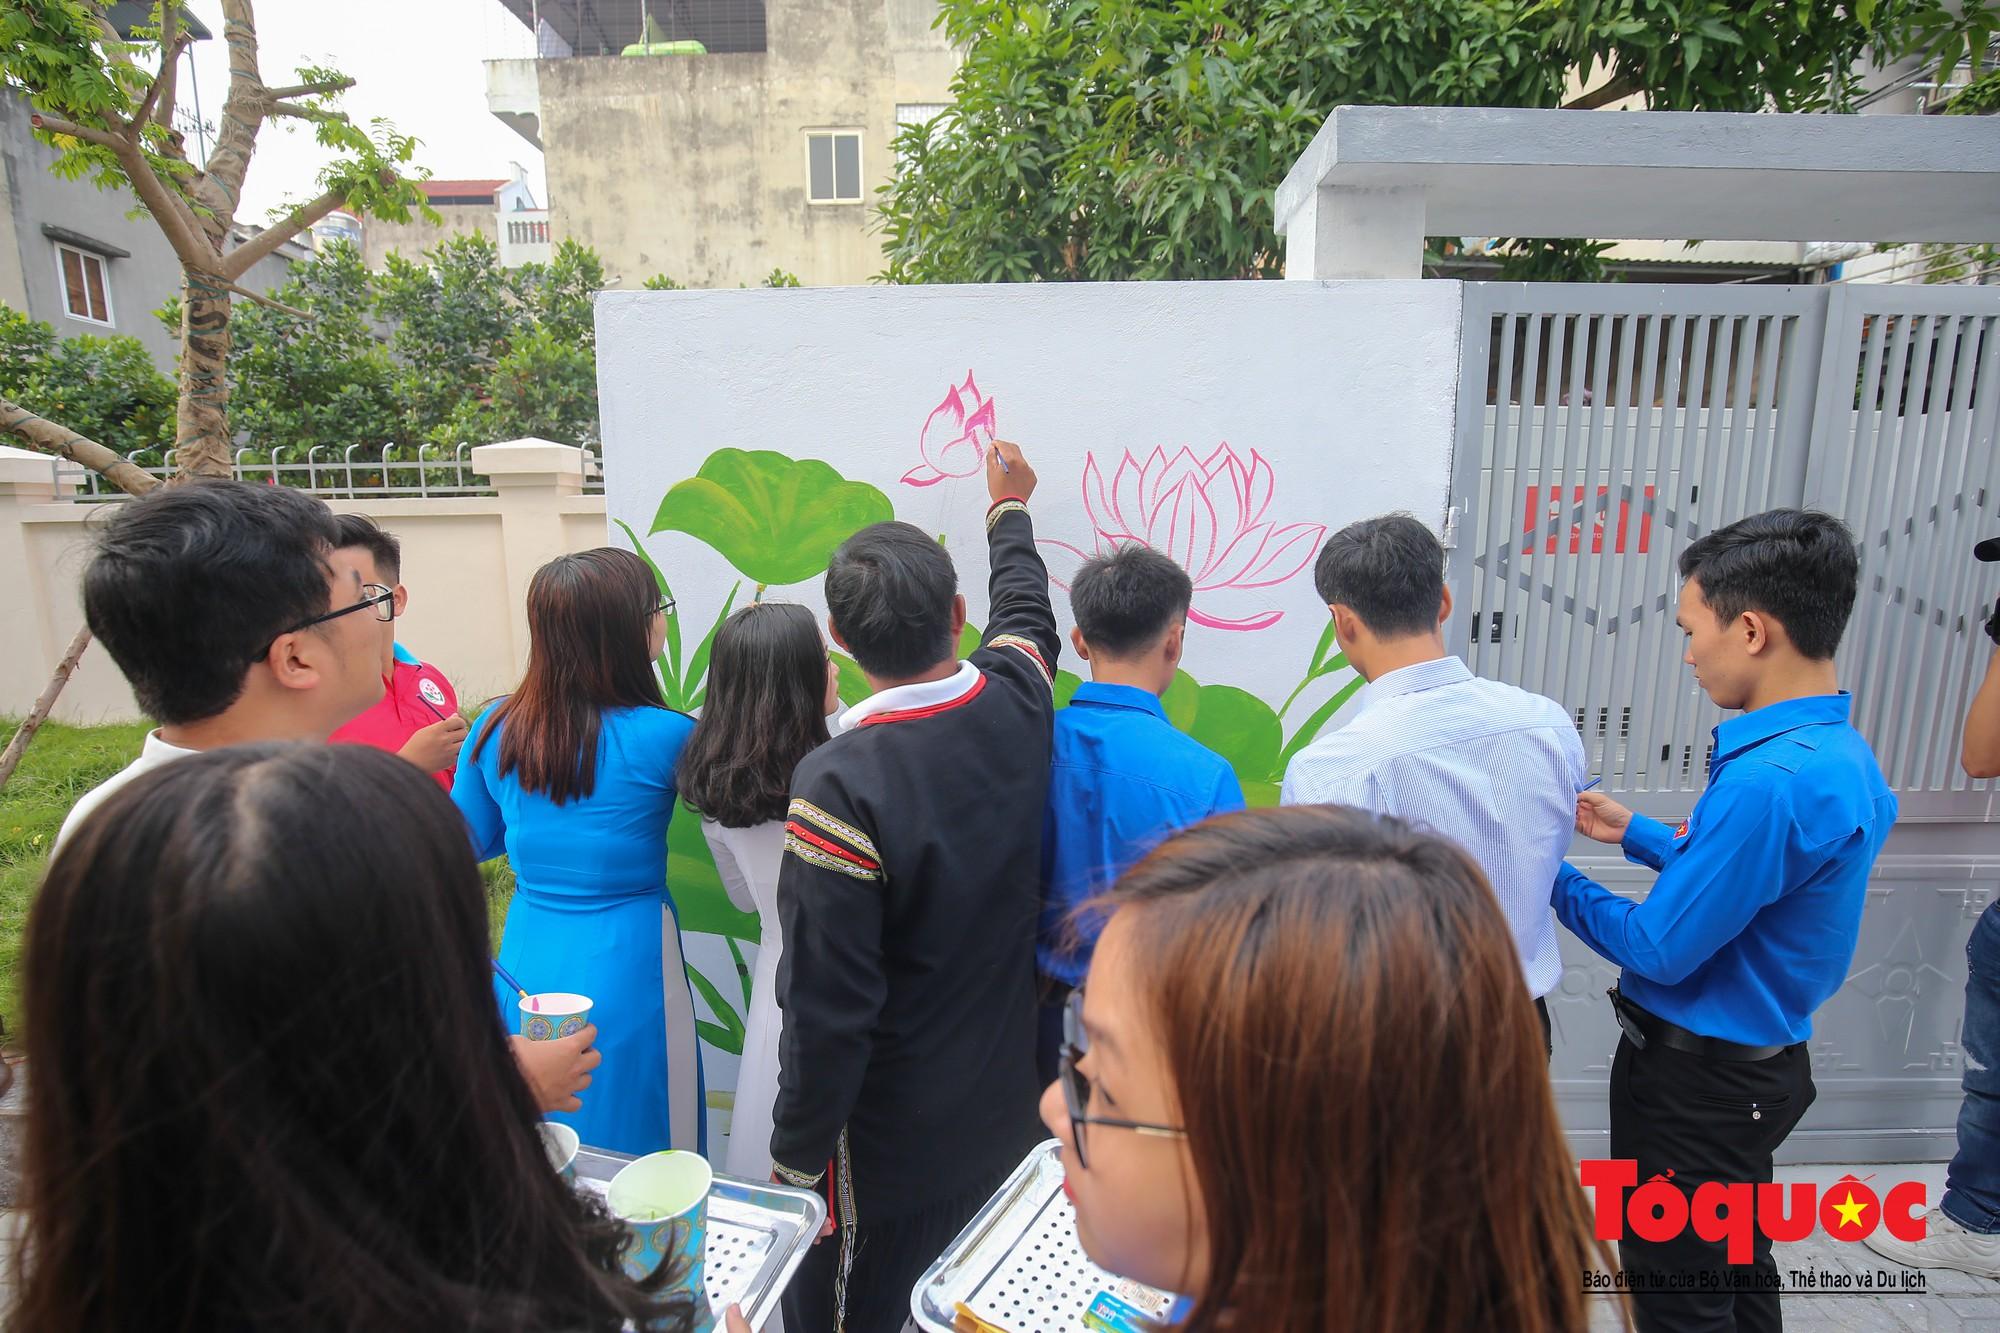 Lan tỏa ý thức bảo vệ môi trường với cuộc thi Thách thức để thay đổi (4)